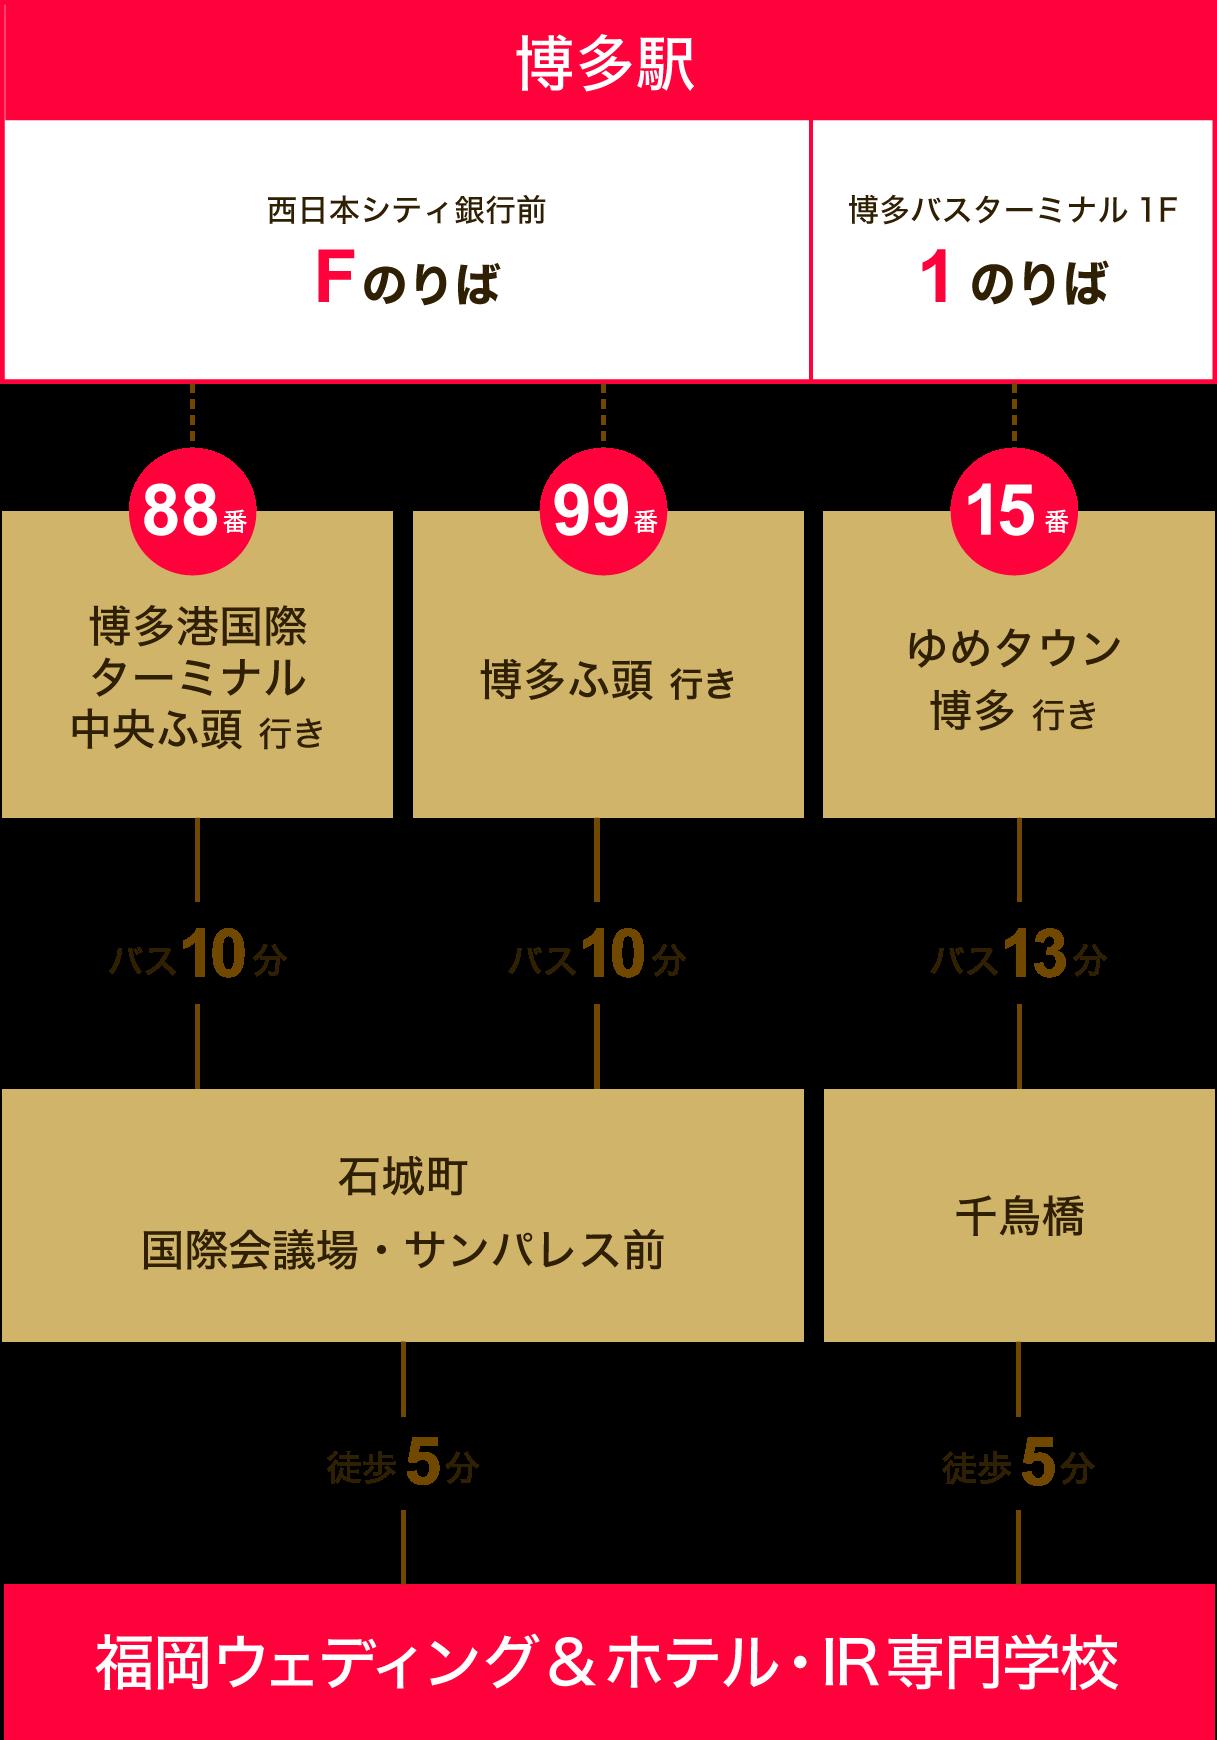 JR博多駅からバスでお越しの際のアクセス